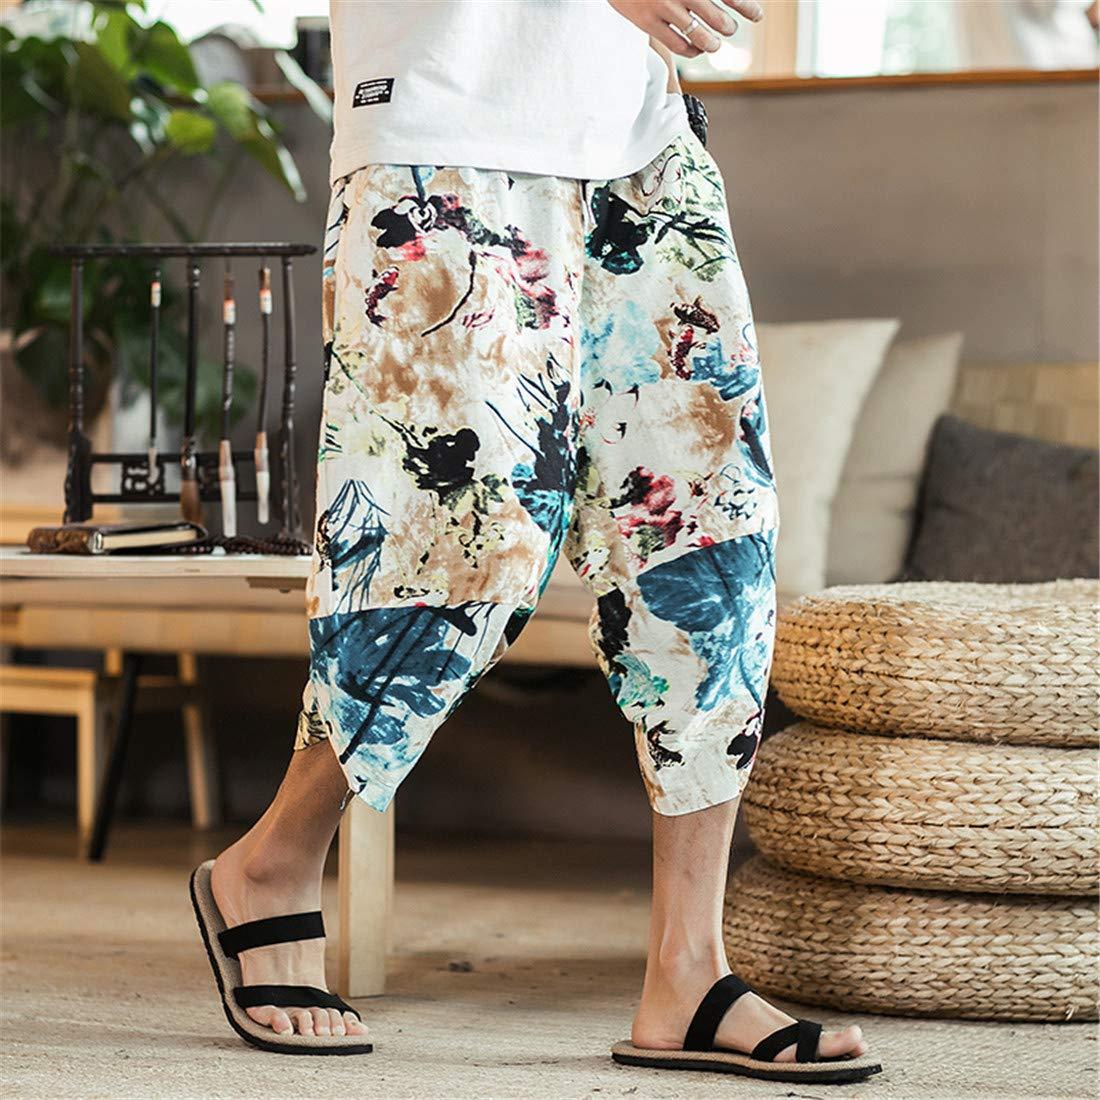 ONLYWOOD Mens Cotton Blends Linen Hip-hop Capris Drop Crotch Long Harem Shorts